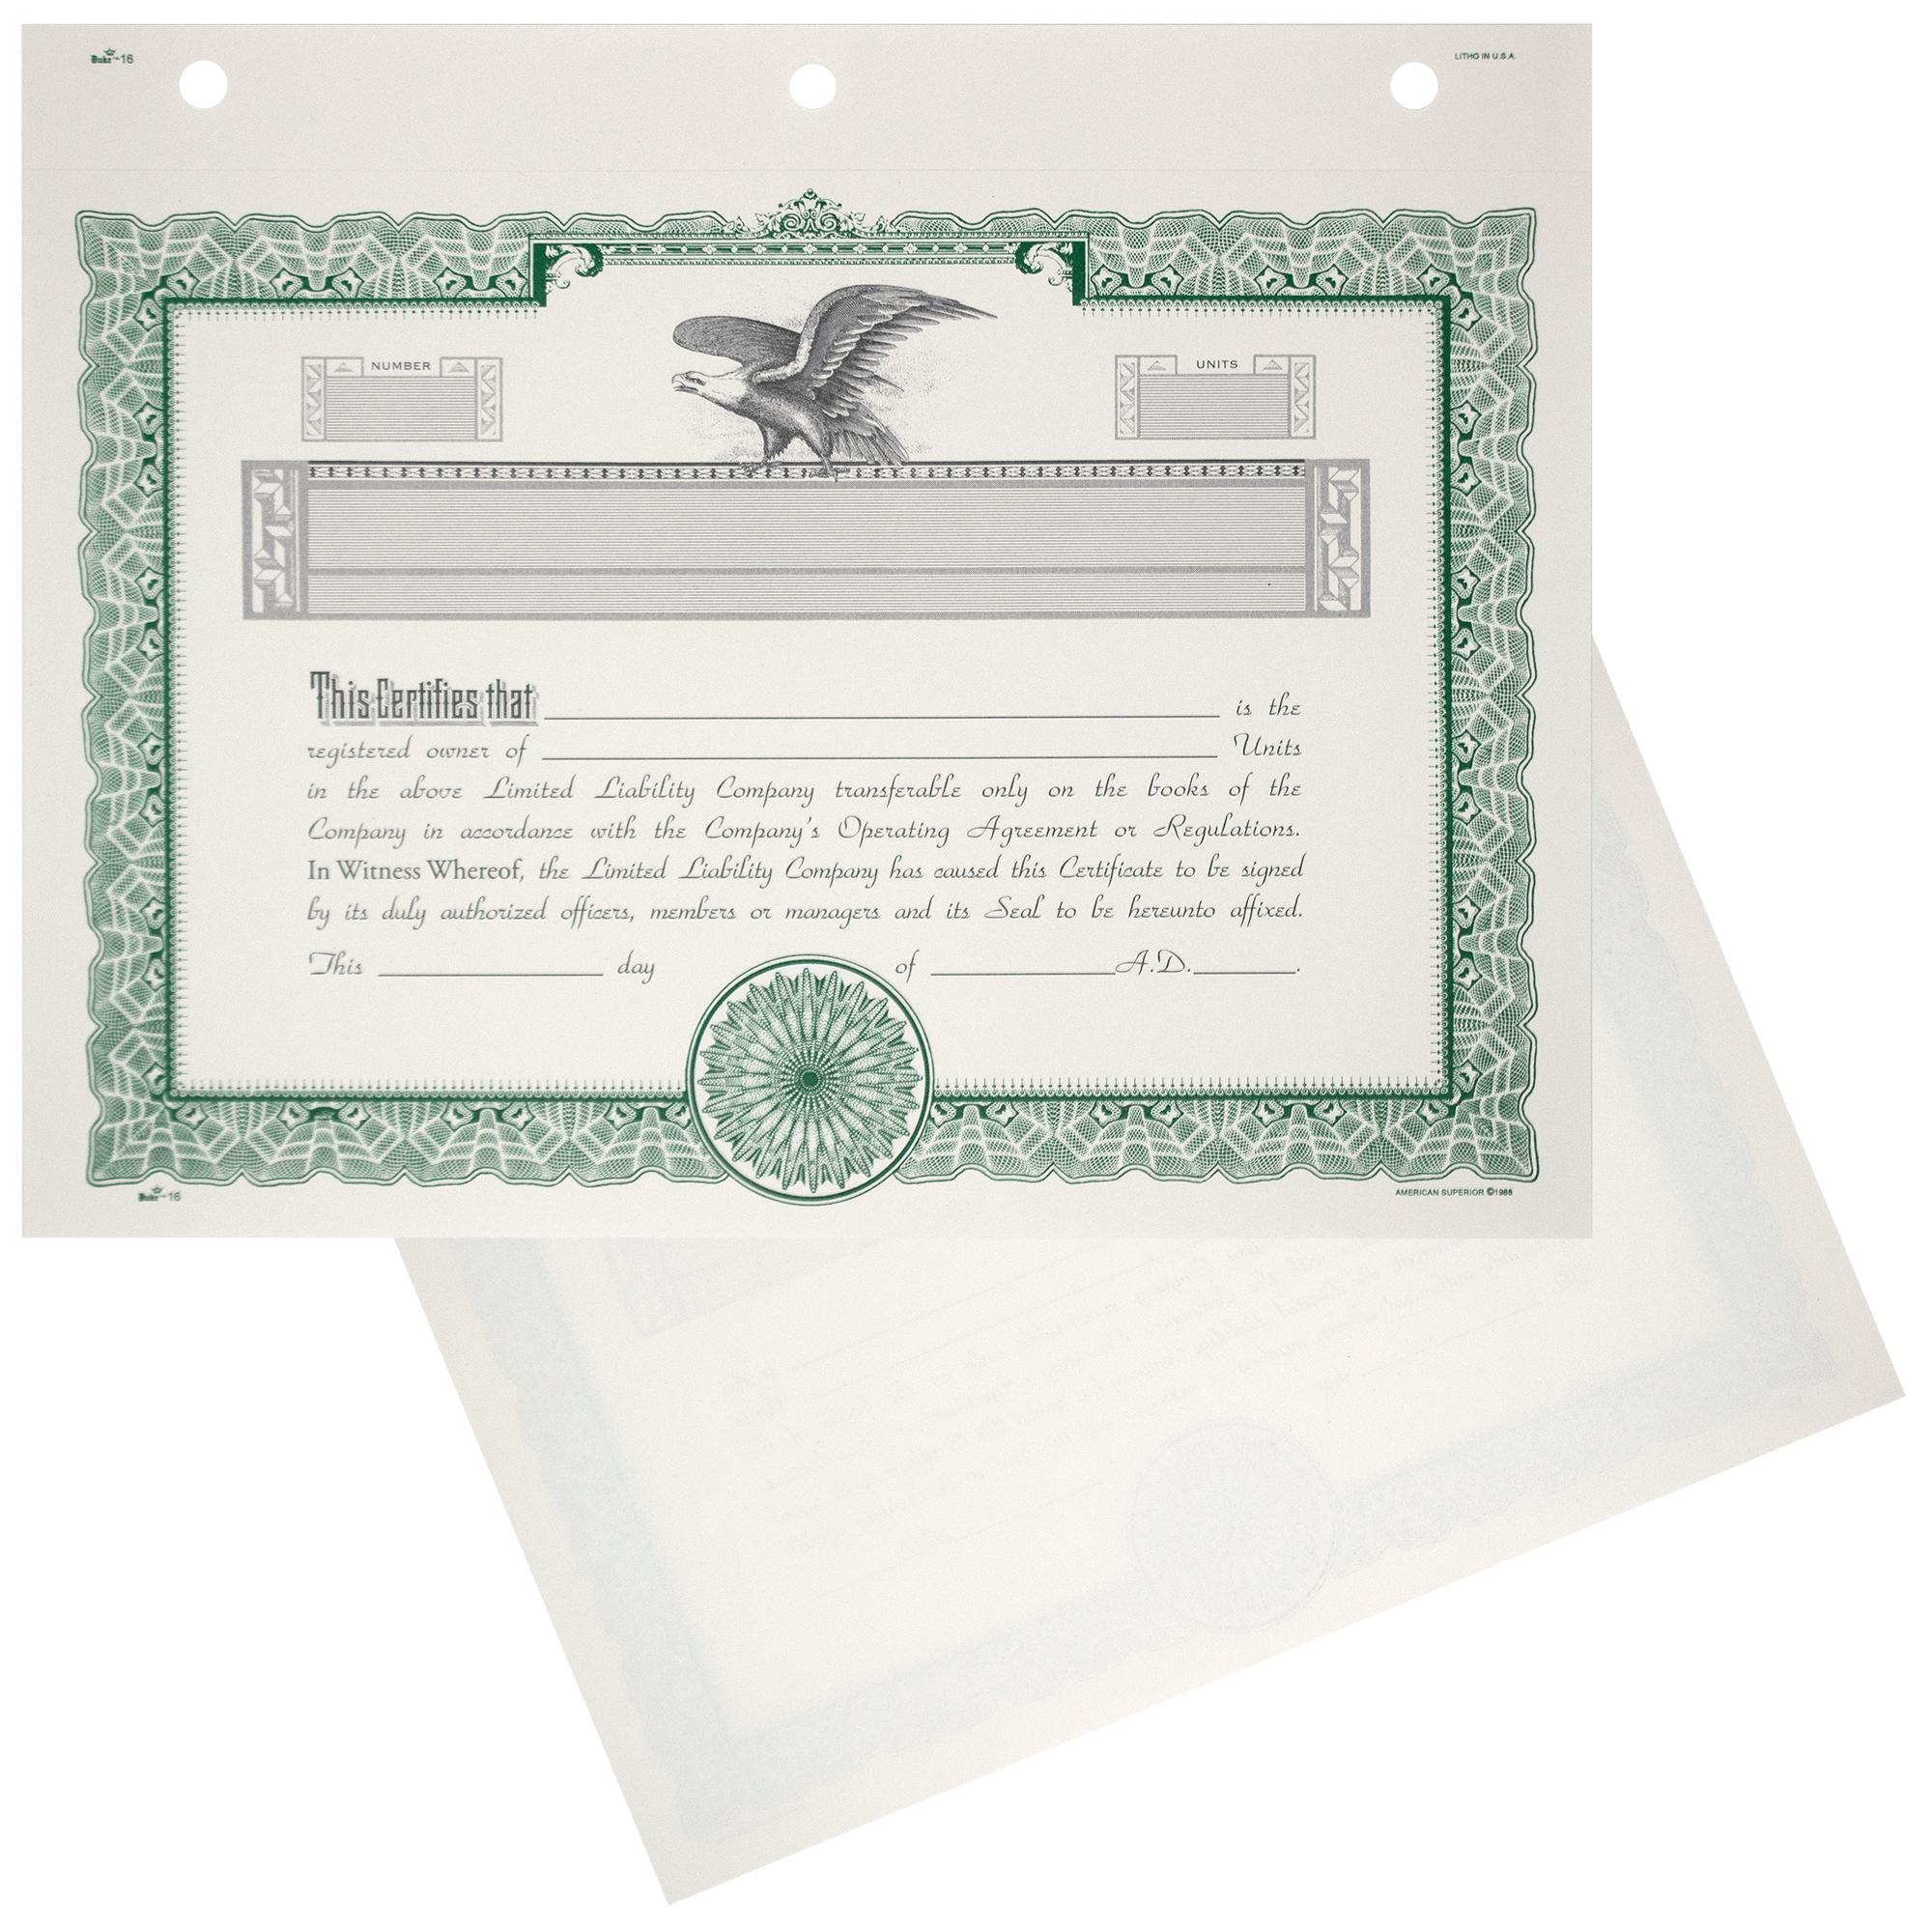 Duke 16 LLC Blank Membership Certificates | Quantity of 20 or More